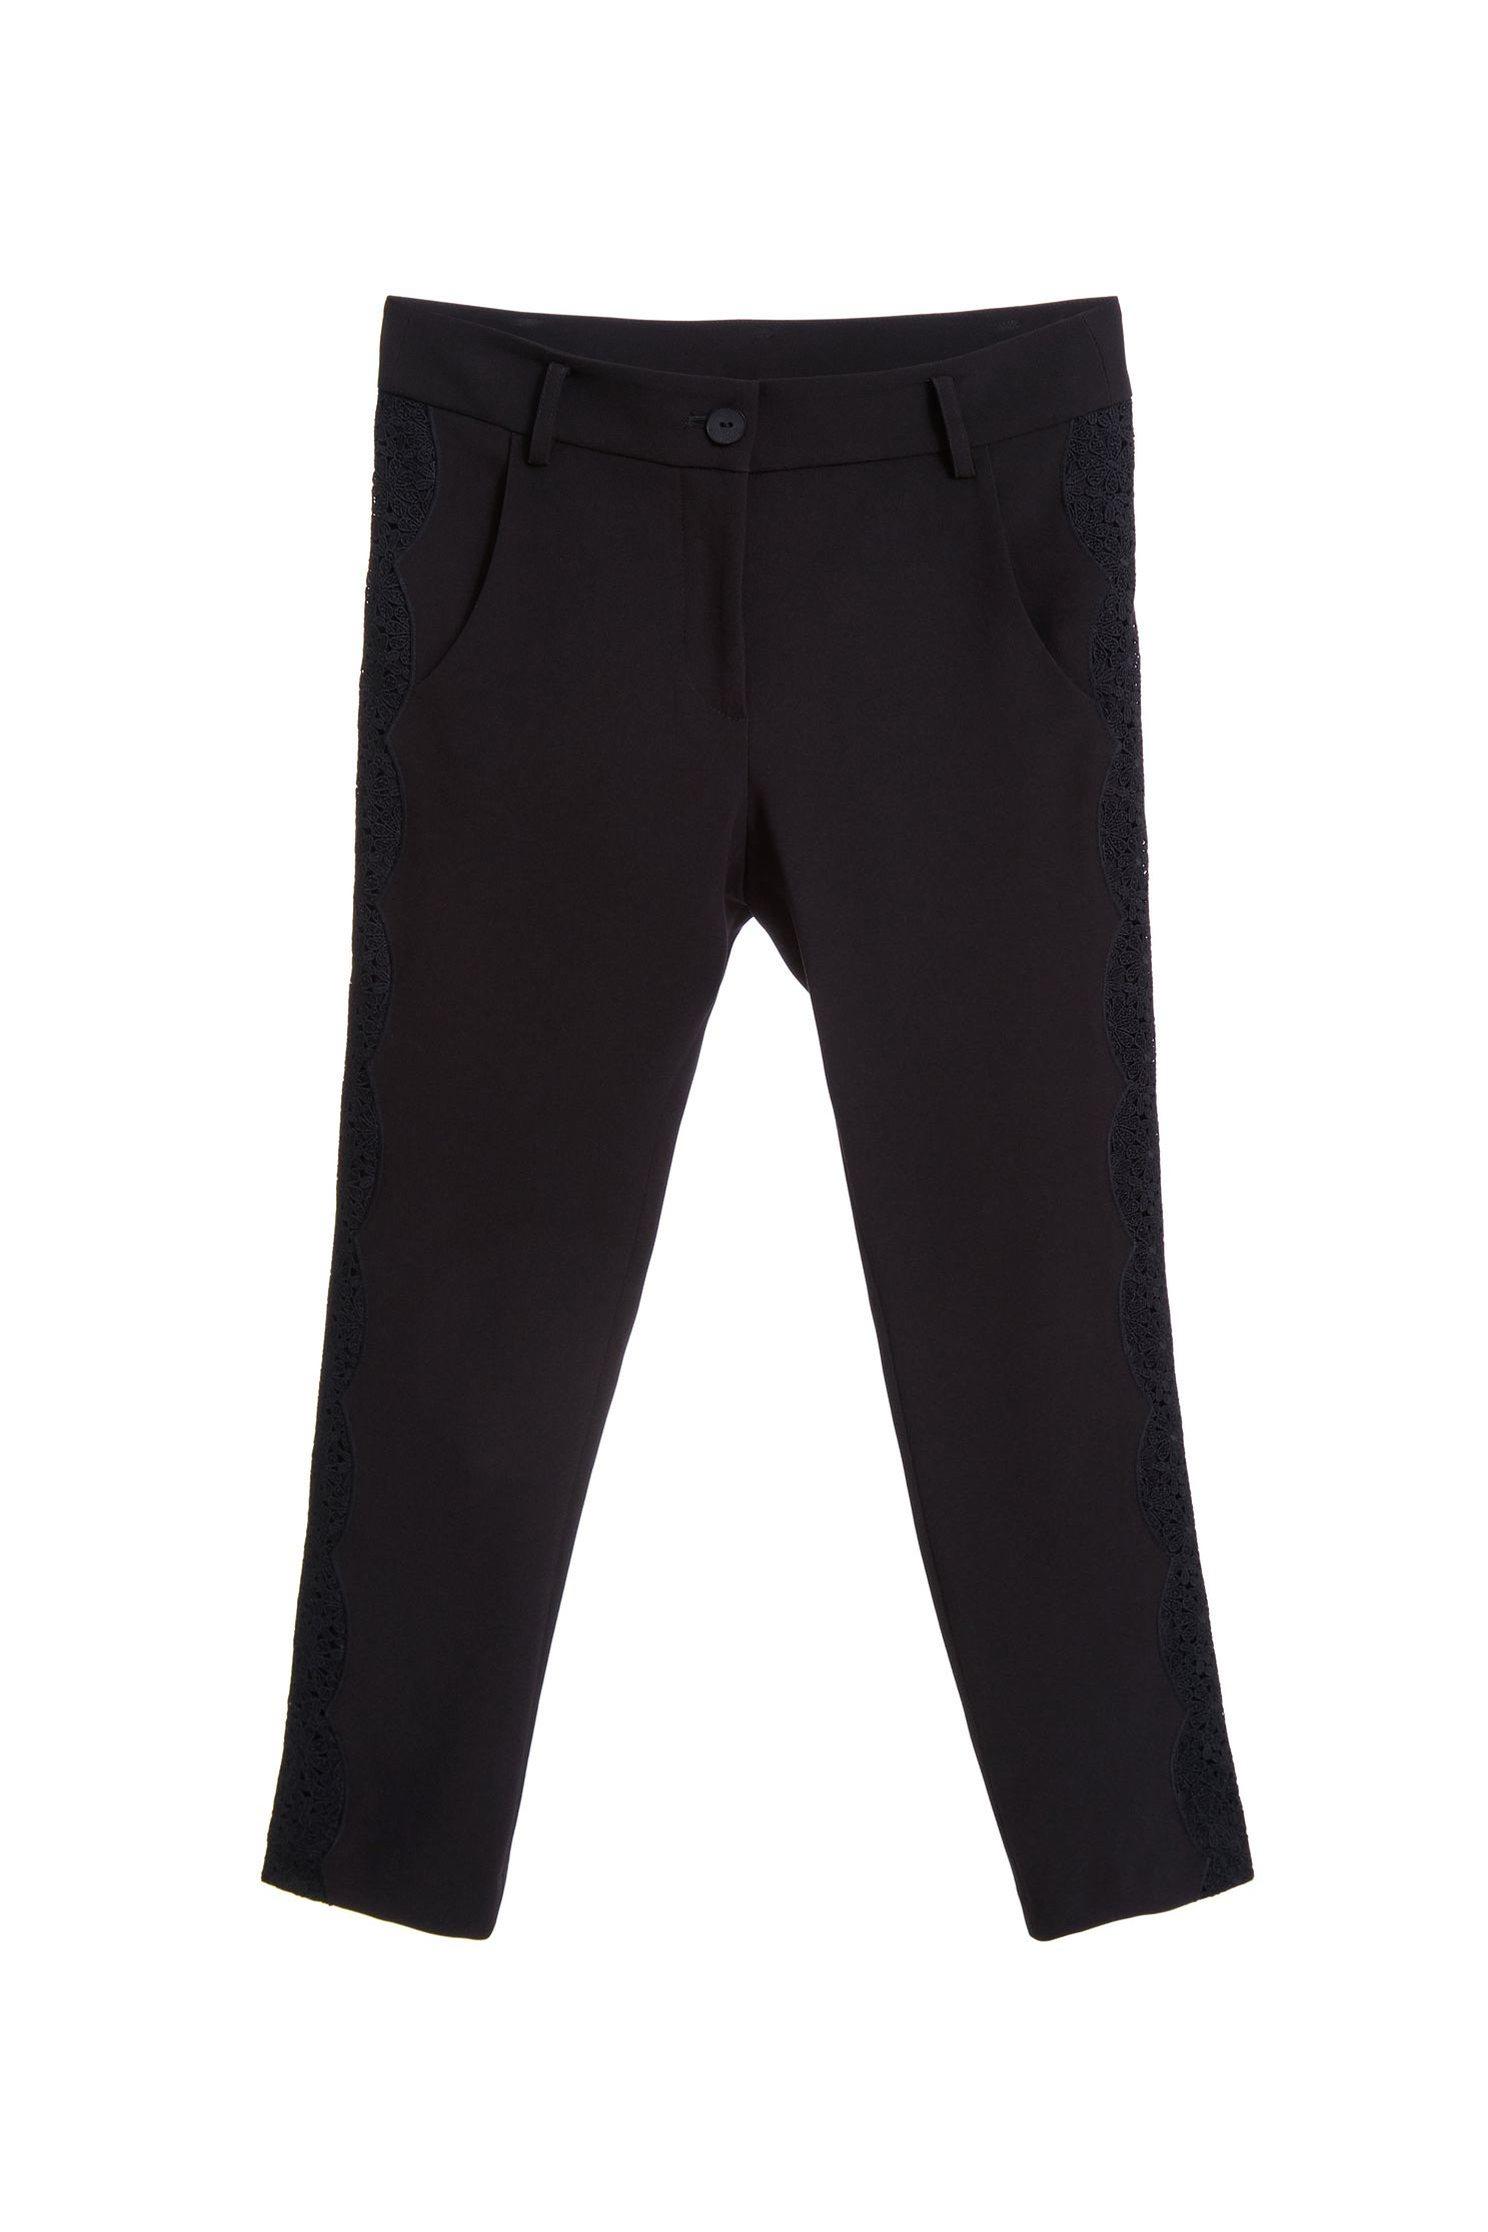 Slim fashion trousers